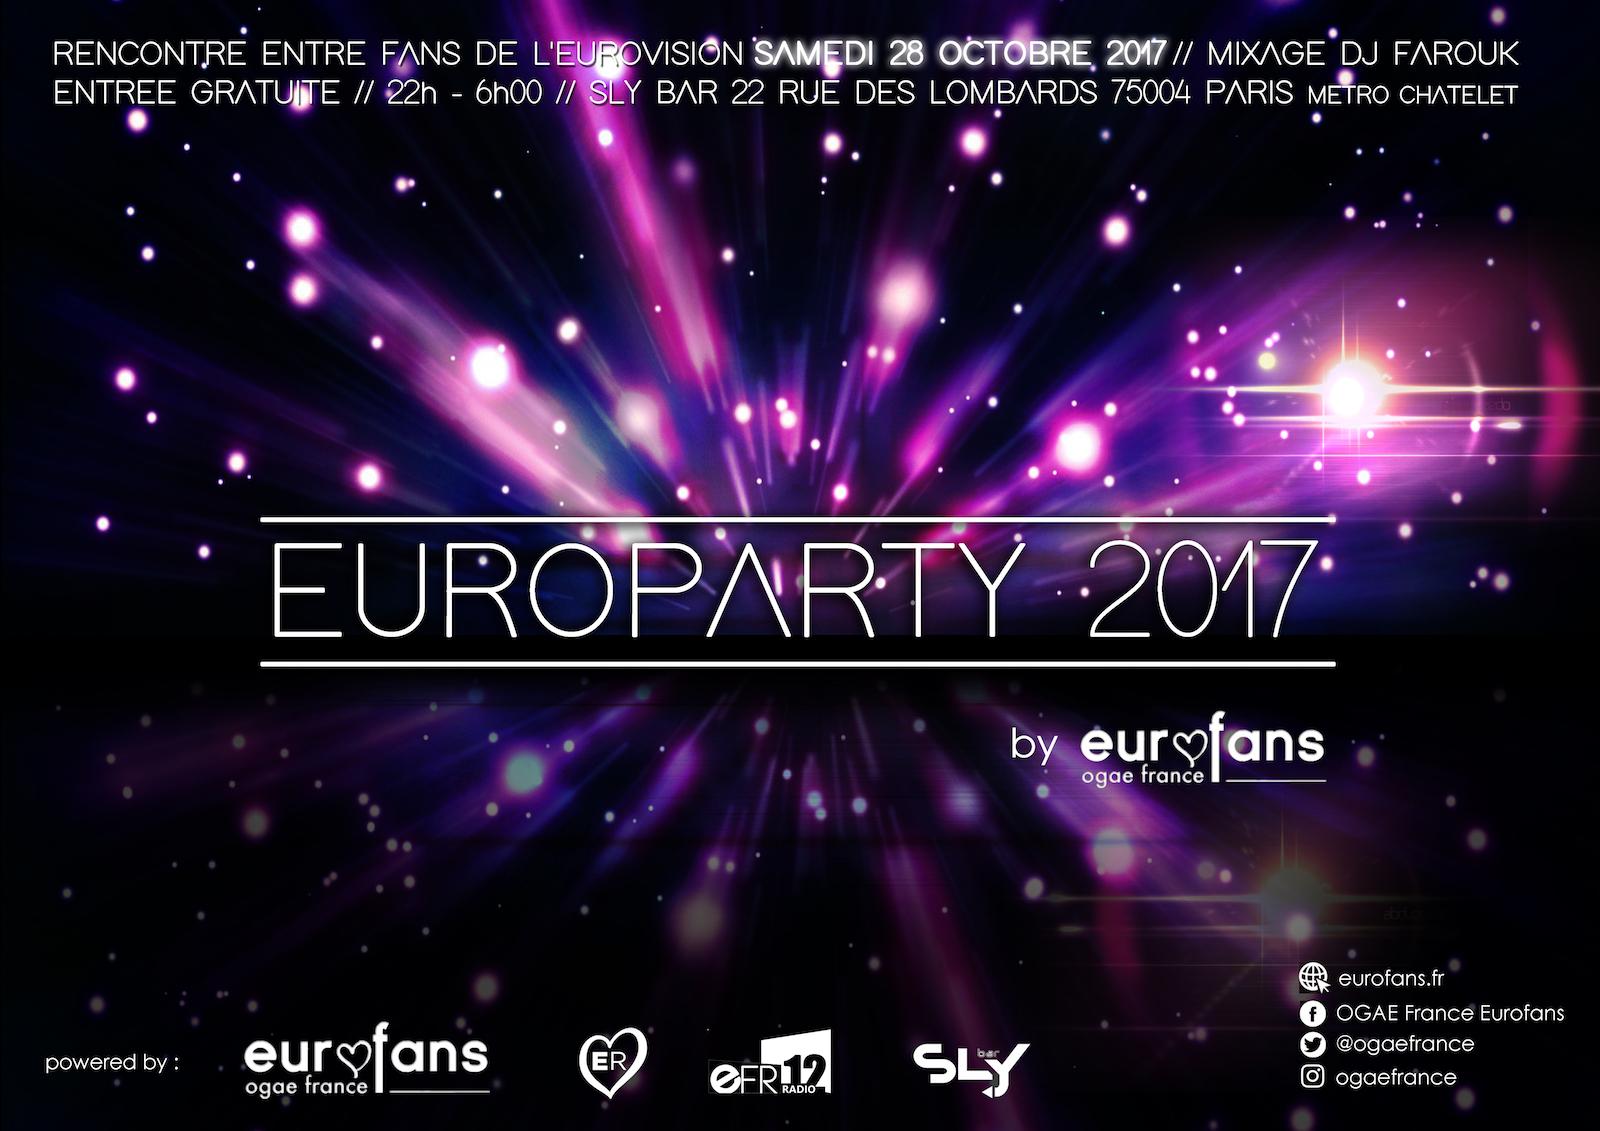 OGAE France : EuroParty 2017